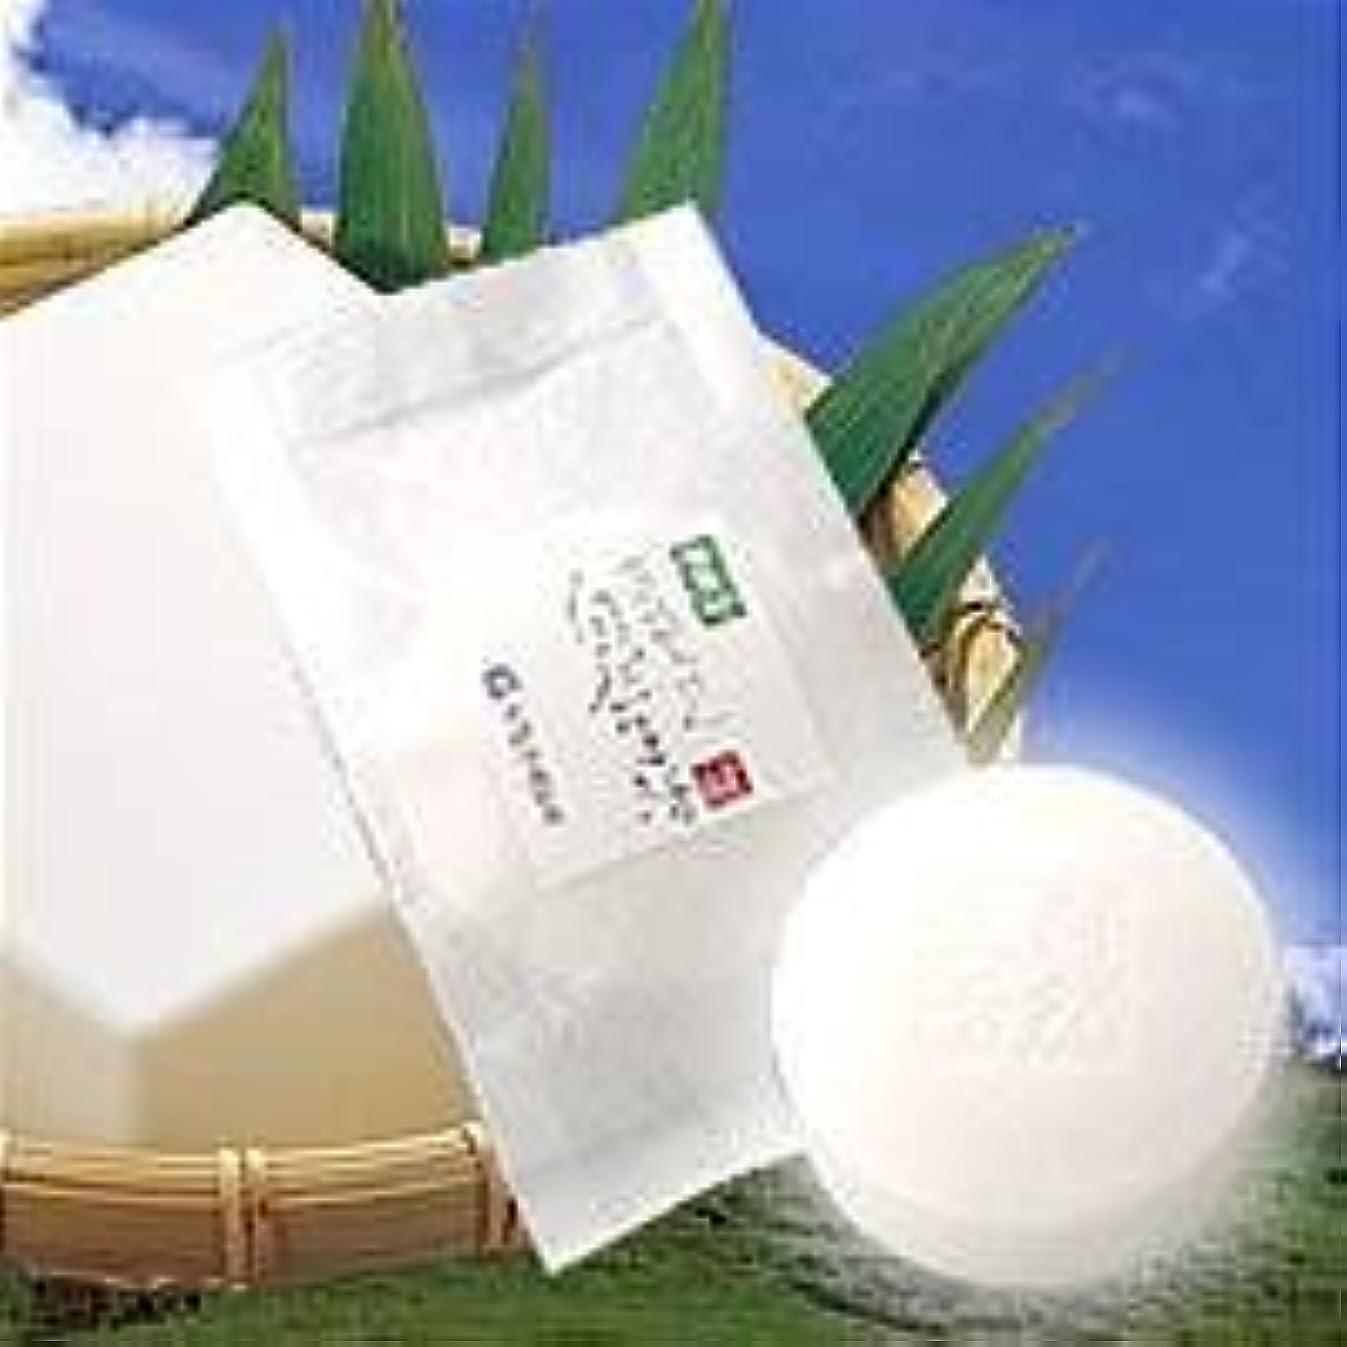 に賛成遺伝子管理します豆腐の盛田屋 豆乳せっけん 自然生活